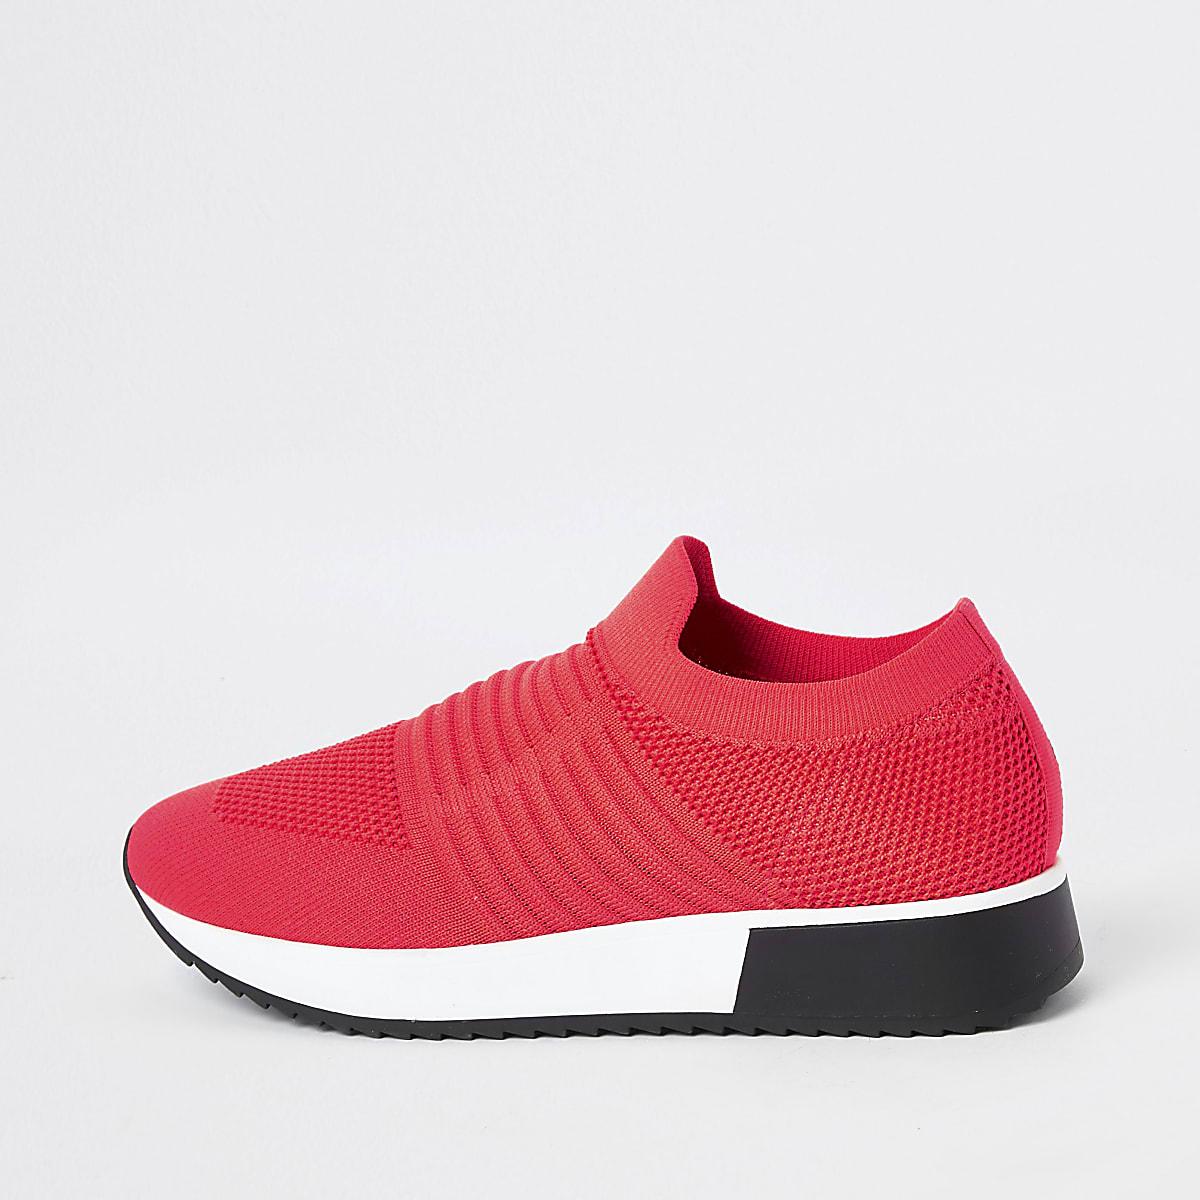 Sneakers in Neon-Koralle